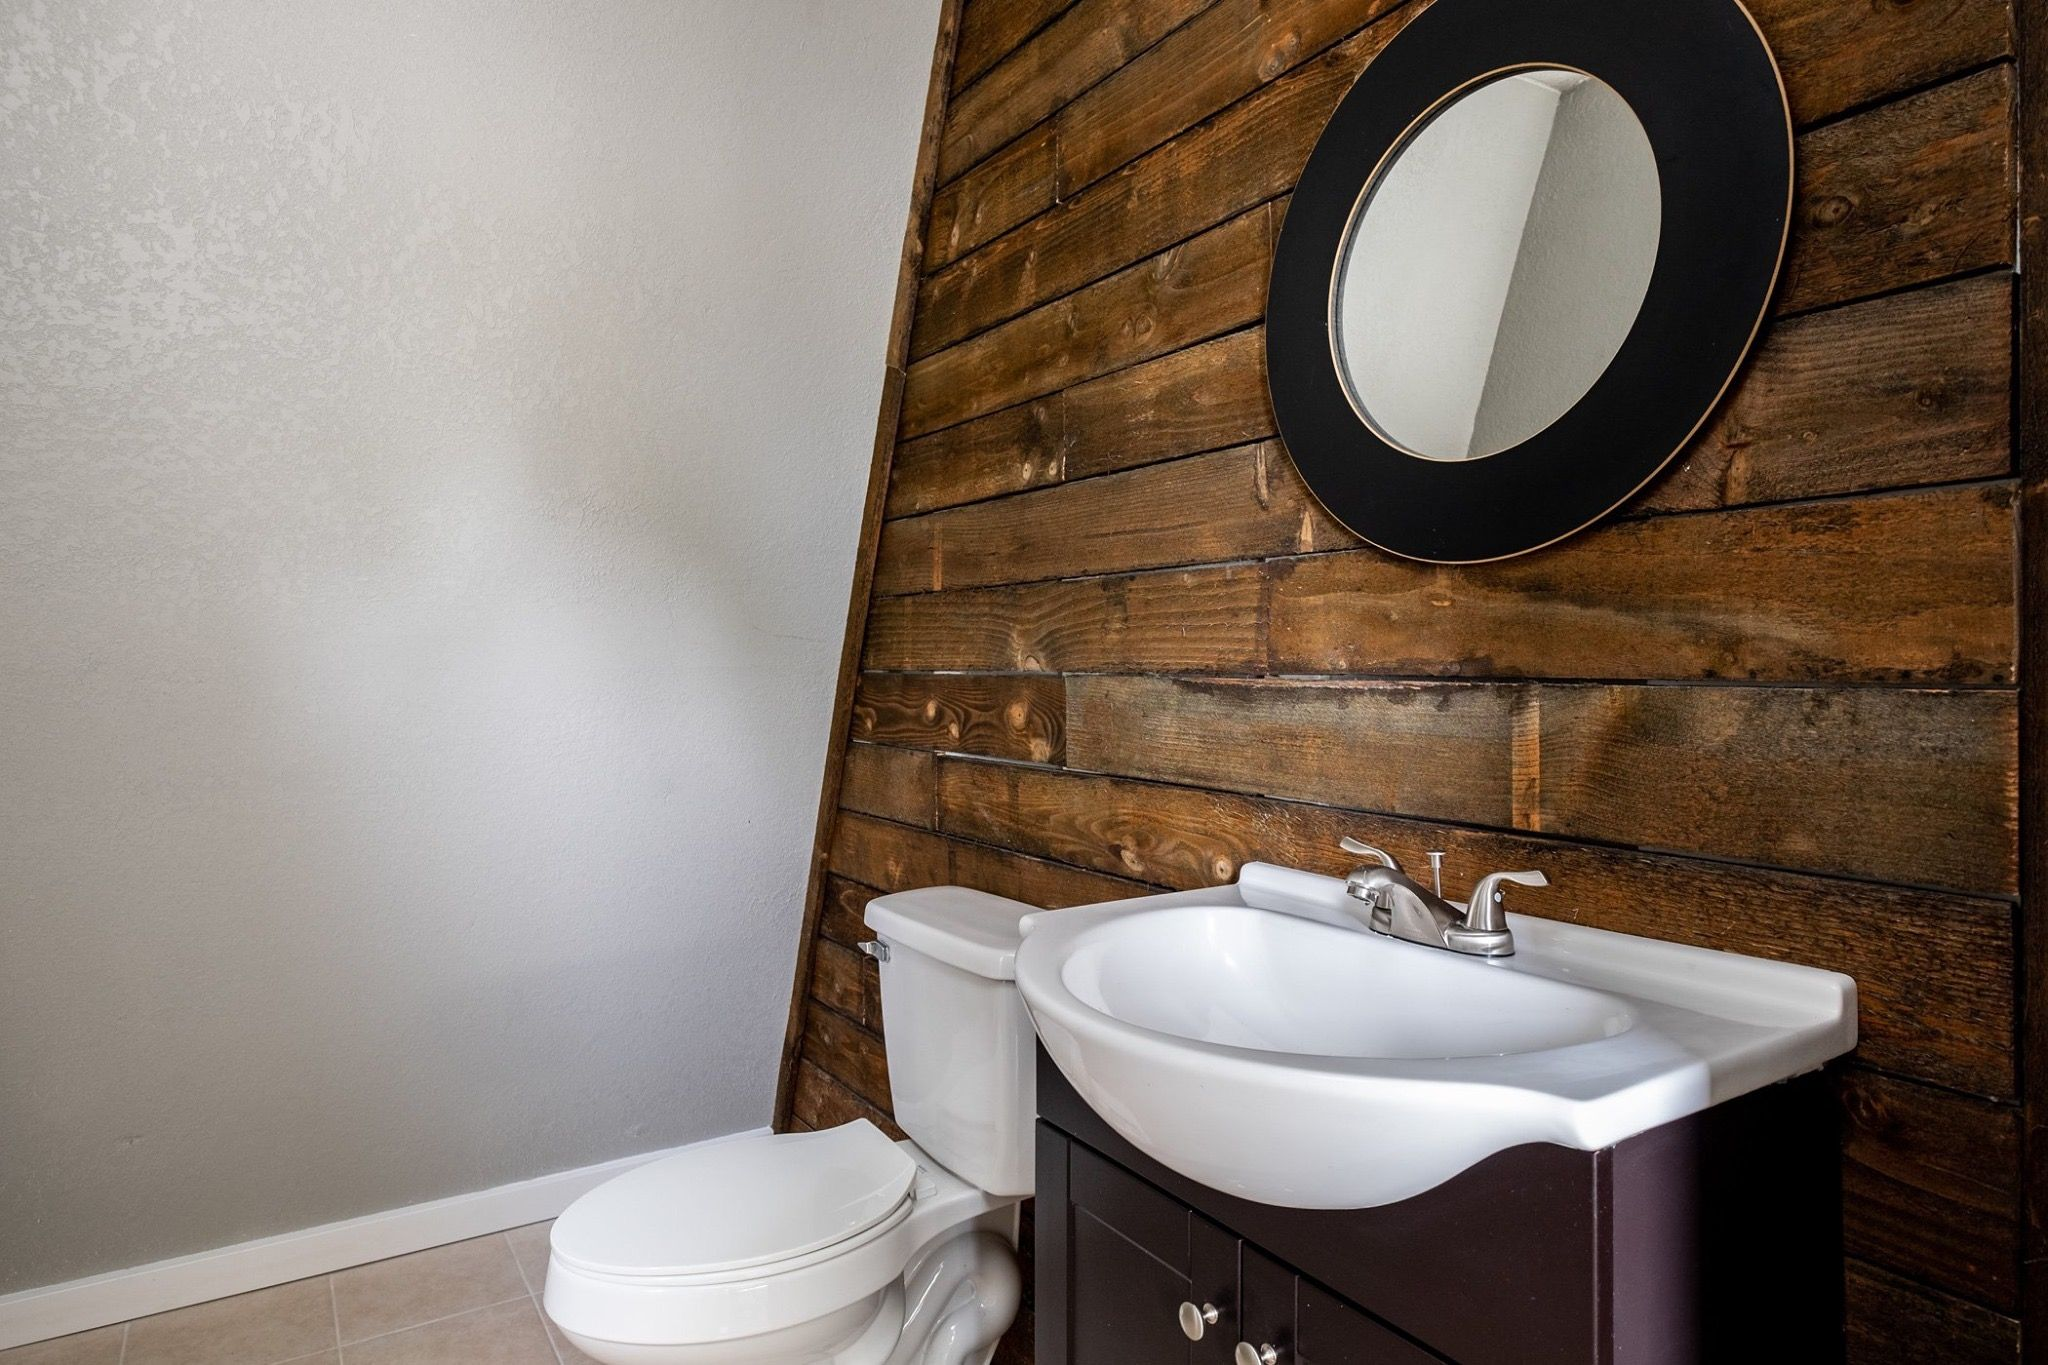 Pin By Margy Motsinger On Bathroom Remodel Round Mirror Bathroom Bathrooms Remodel Bathroom Mirror